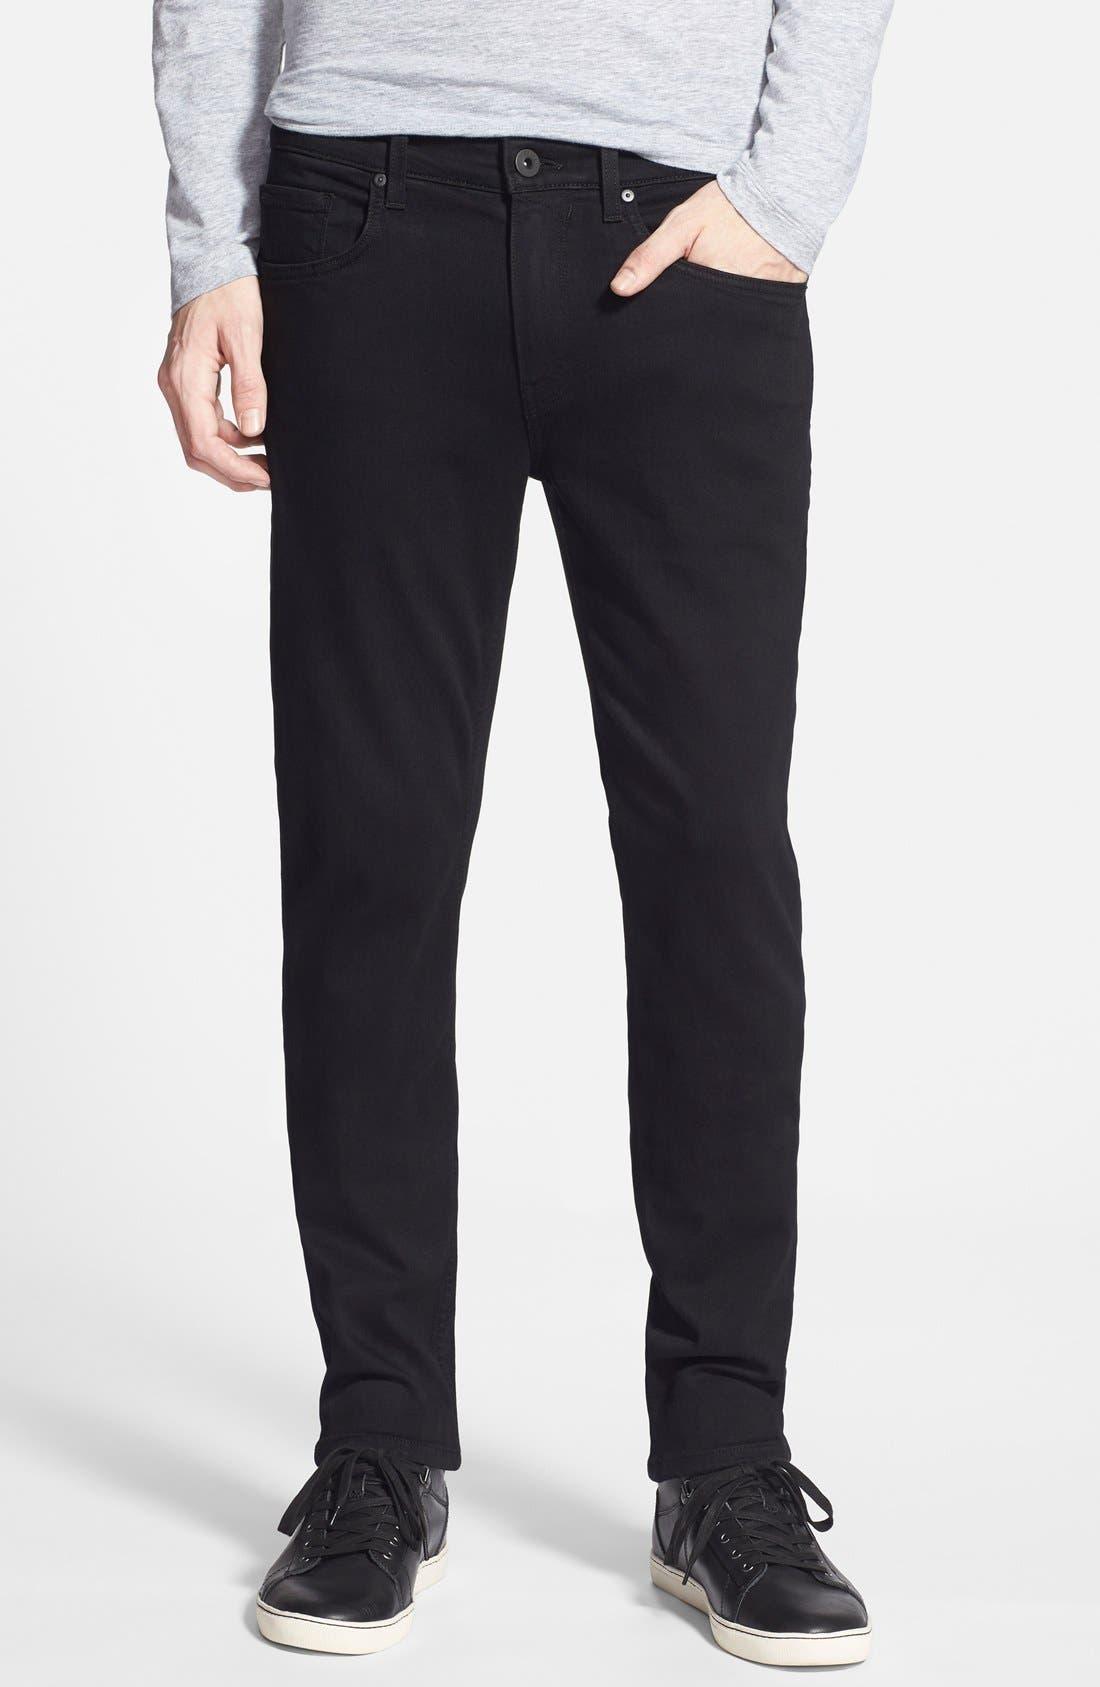 Transcend - Lennox XL Slim Fit Jeans,                         Main,                         color, BLACK